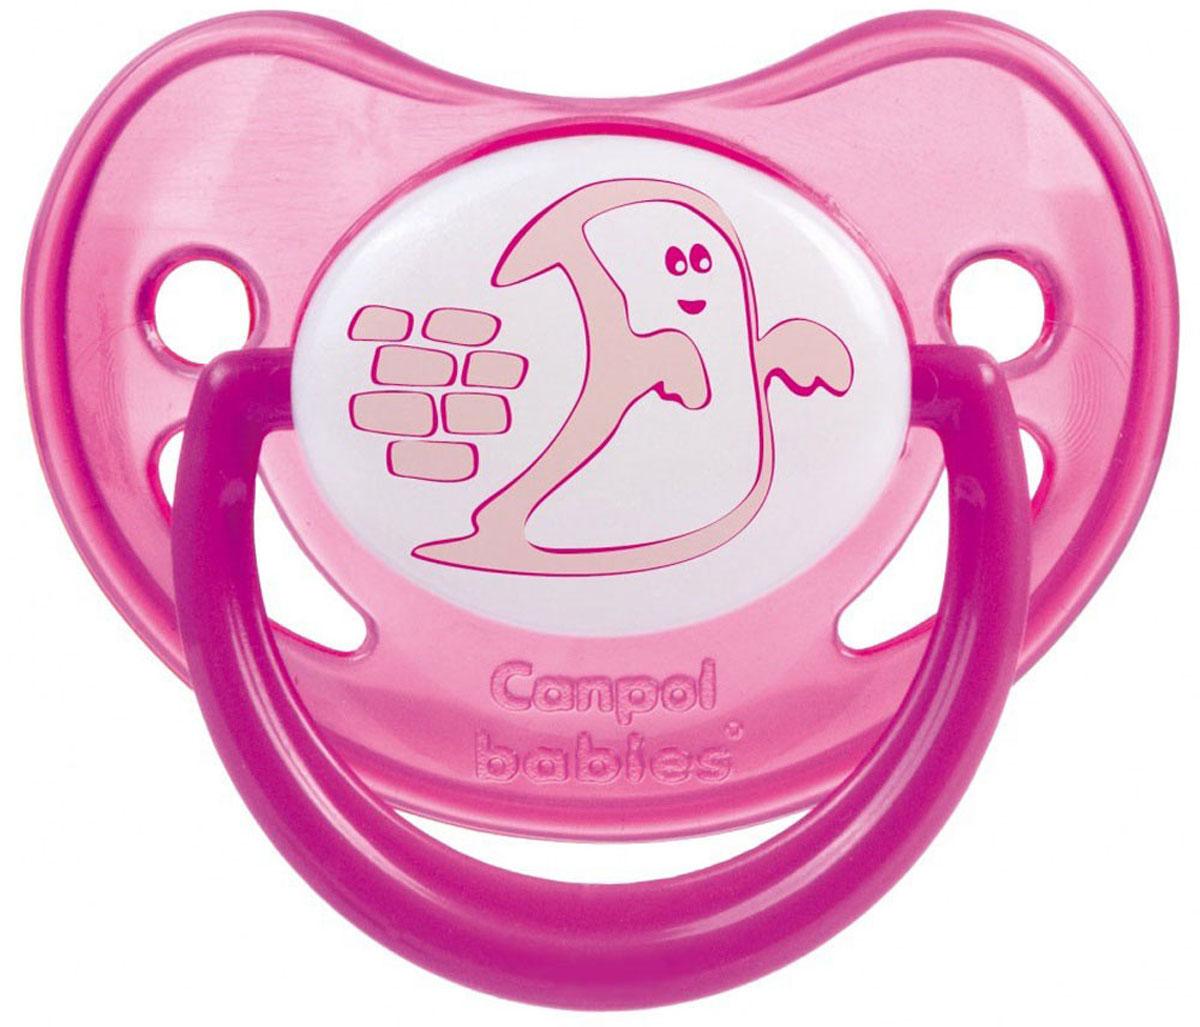 Canpol Babies Пустышка силиконовая ортодонтическая Каспер от 0 до 6 месяцев22/500_розовый, касперСиликоновая пустышка Canpol Babies Каспер предназначена для малышей от 0 до 6 месяцев. Ортодонтическая пустышка способствует правильному физиологическому развитию ротовой полости, а также правильному развитию неба, языка и зубов малыша. Исключительно мягкая пустышка, выполненная из прозрачного гигиеничного силикона, не имеет вкуса и запаха. Загубник пустышки оснащен специальными вентиляционными отверстиями, которые предотвращают накопление слюны и защищают нежную детскую кожу от покраснений и раздражения. Рисунок загубника светится в темноте. Пустышка удовлетворяет естественный сосательный рефлекс и тренирует мышцы губ, языка и челюсти, что играет важную роль в развитии речевых навыков и навыков приема пищи. Не содержит Бисфенол-А.